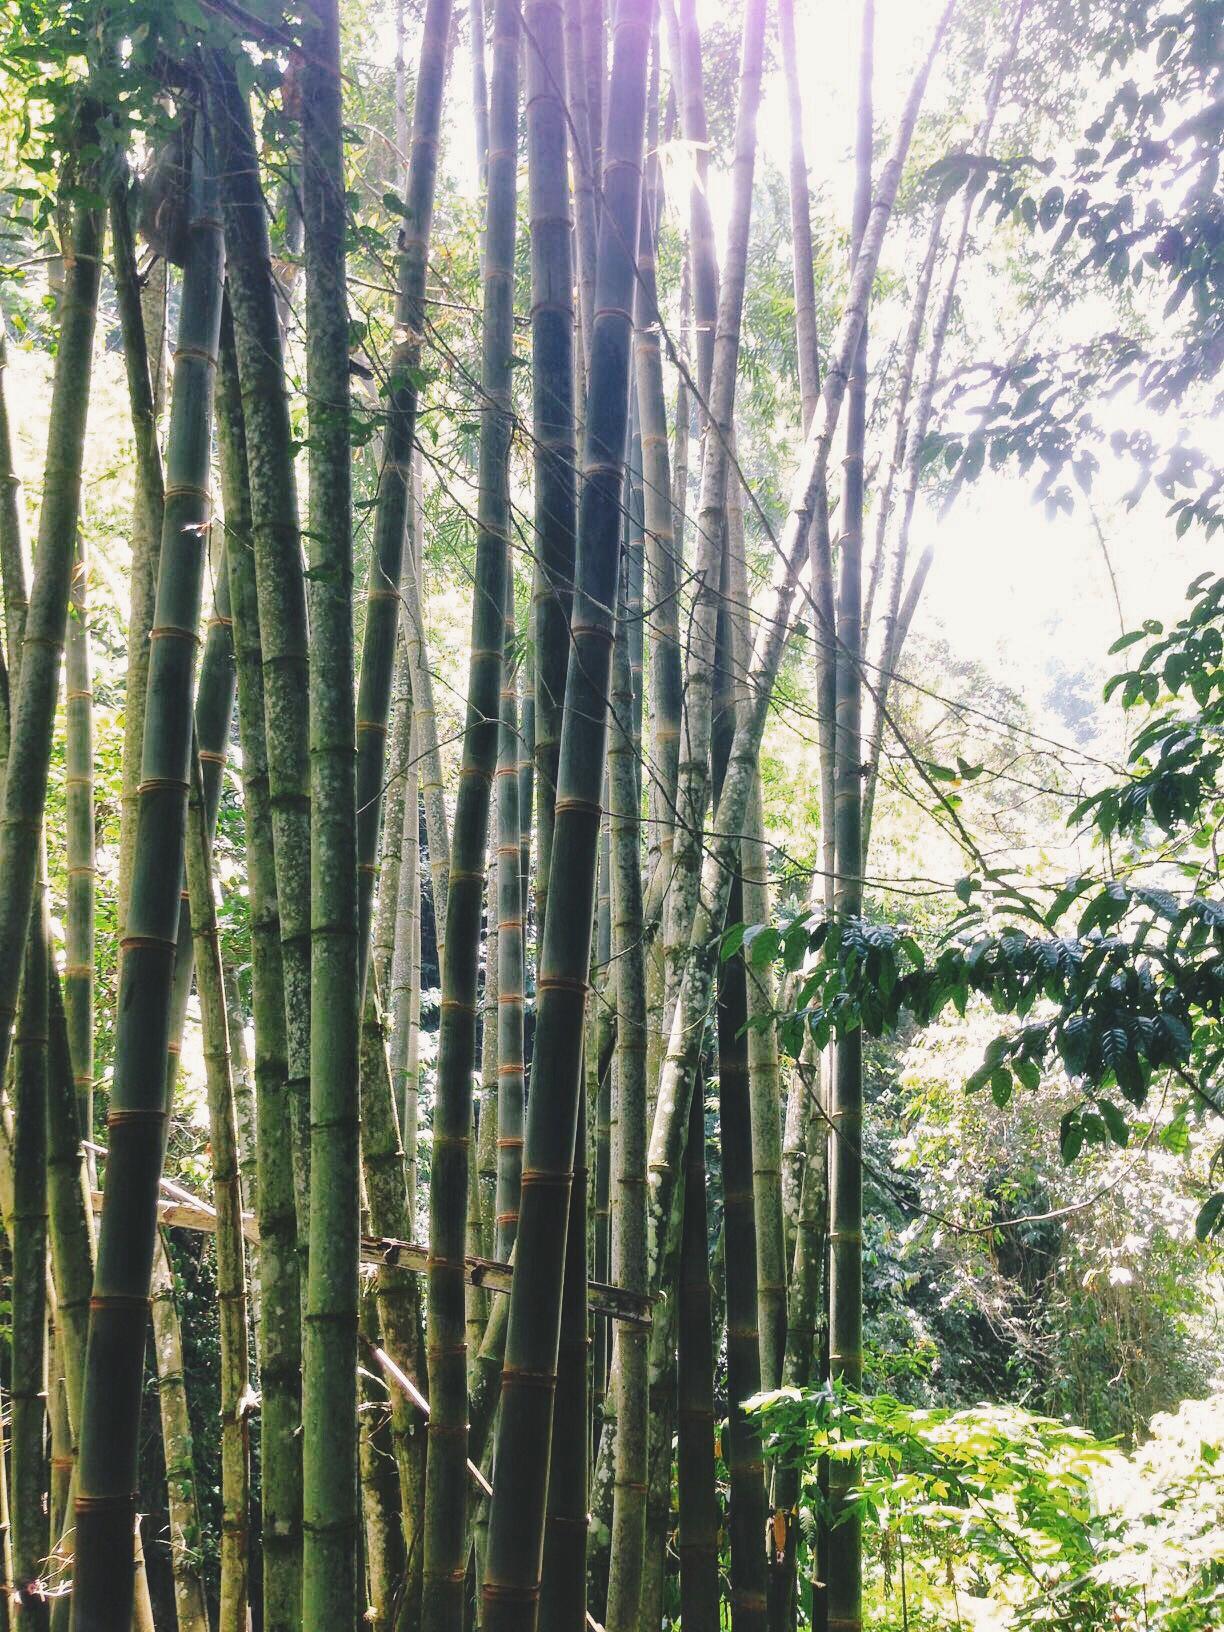 Bamboo at Casaroro Falls